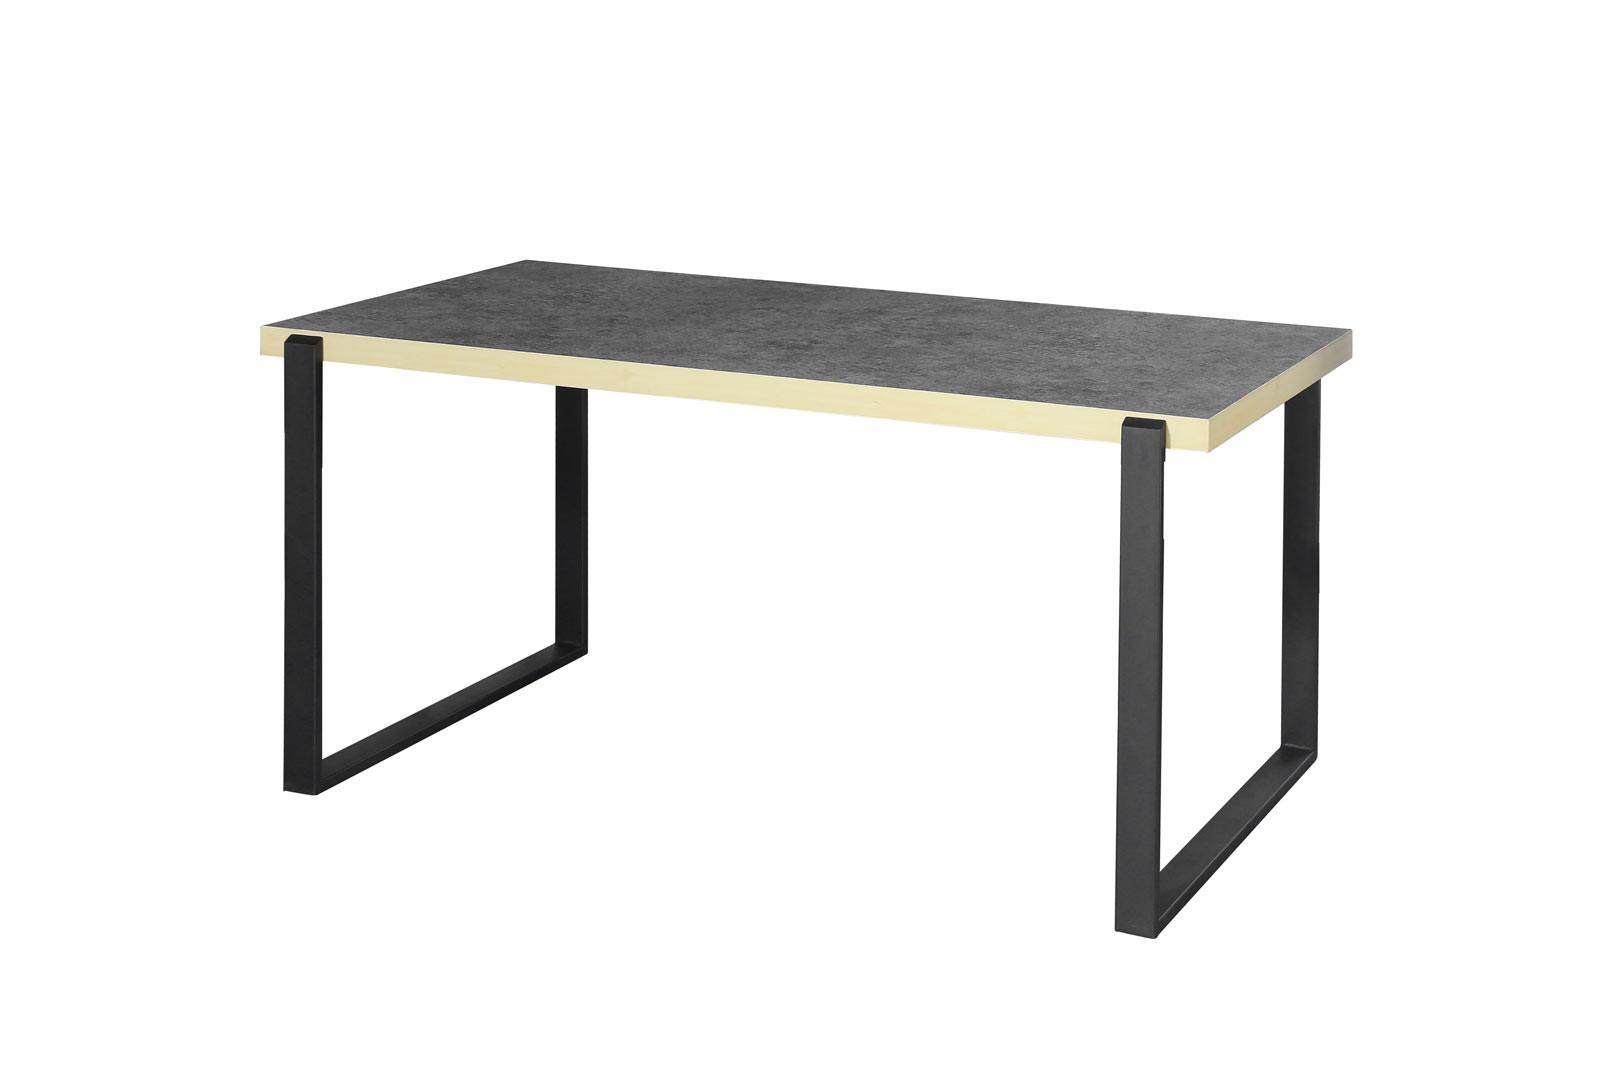 Table À Manger Industrielle table de salle à manger industrielle noir mat/béton magnolia